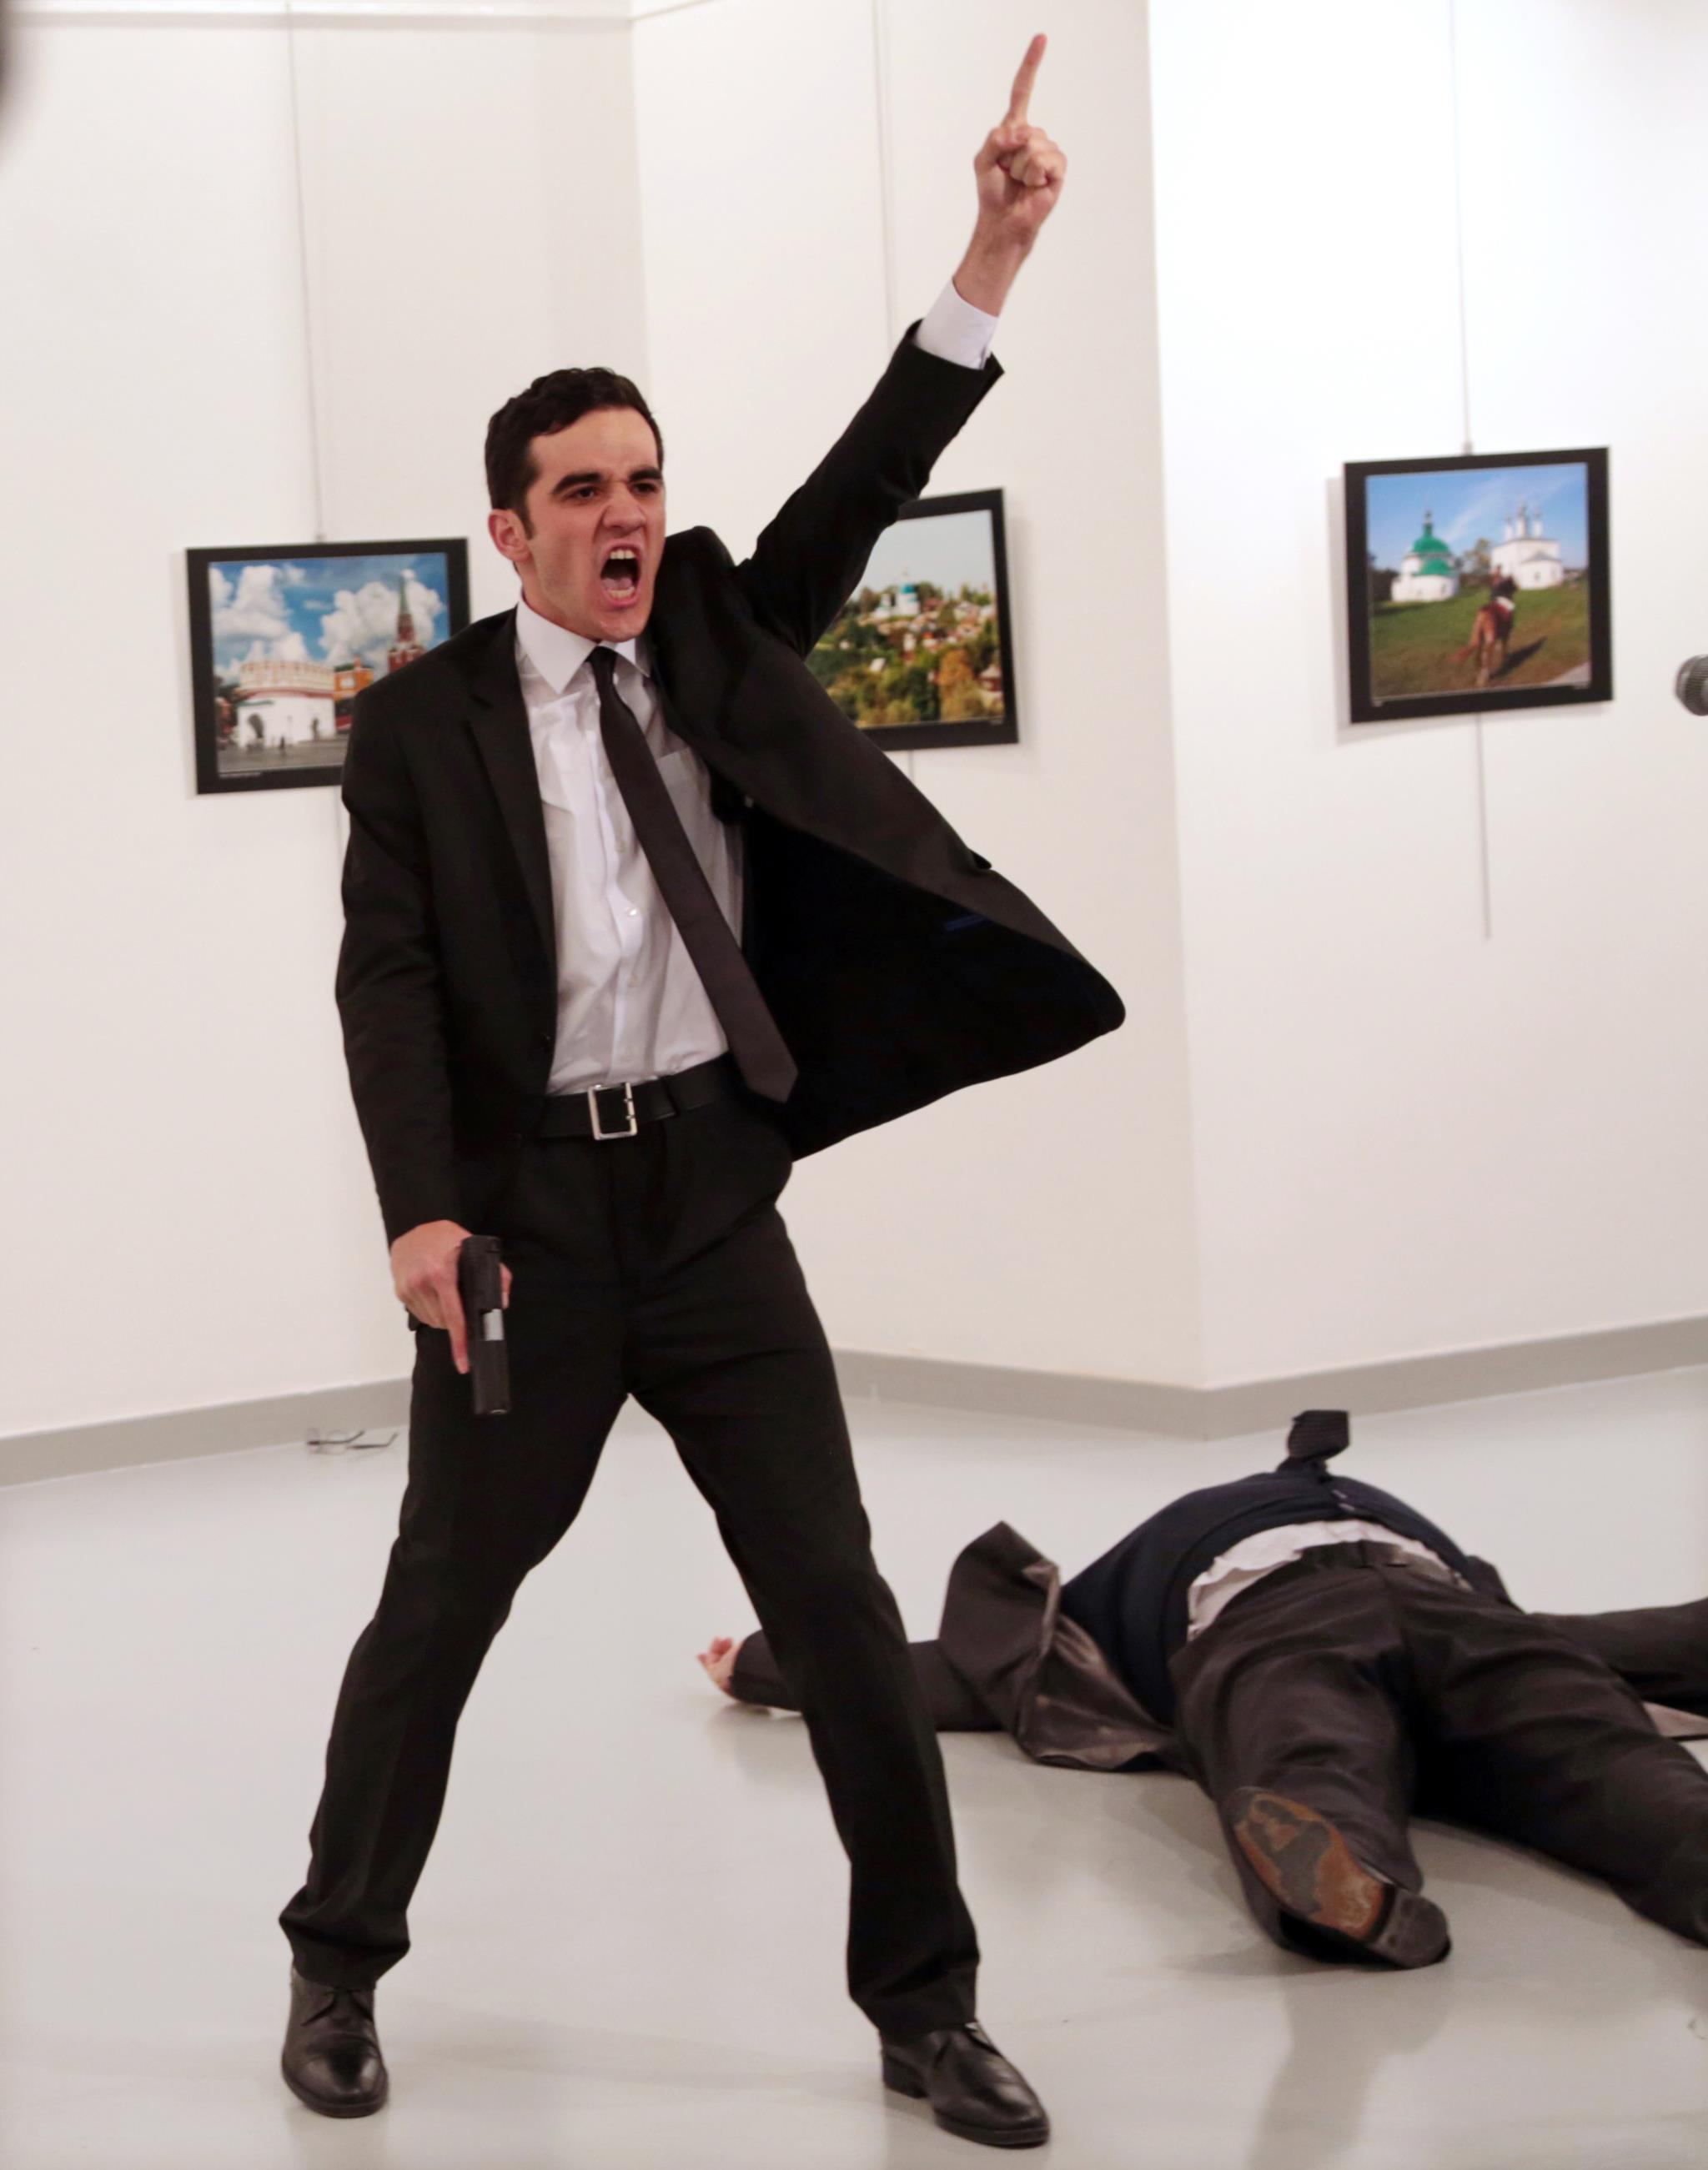 PÚBLICO - A fotografia que apanhou o grito do assassino vence World Press Photo